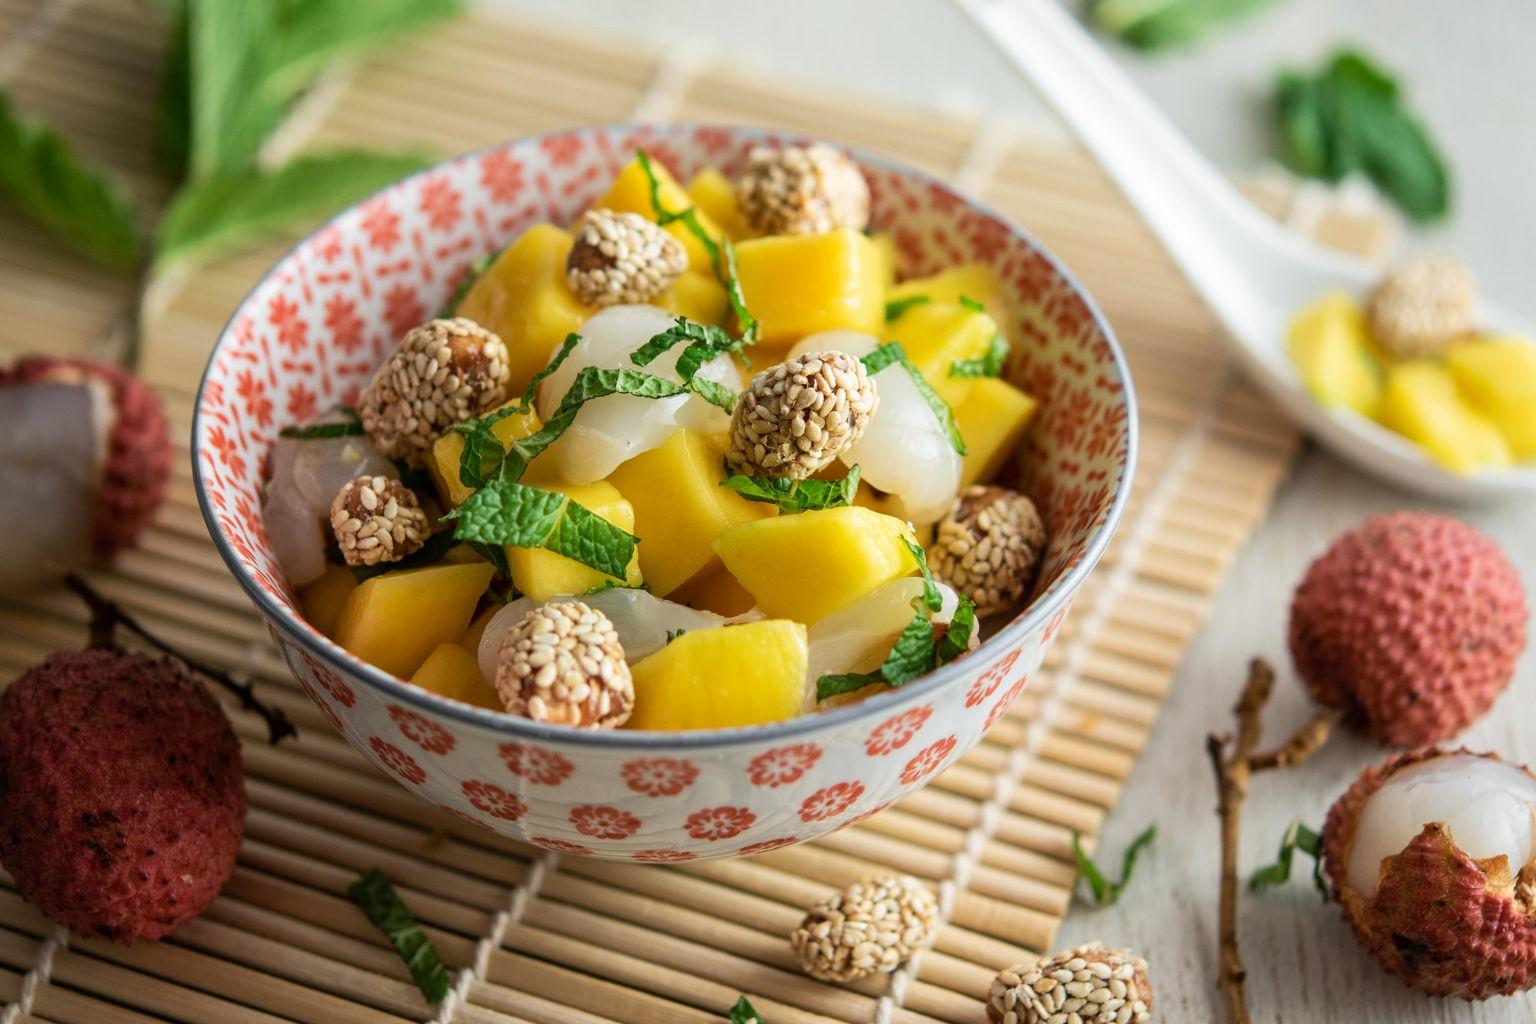 Salade de mangue, fruit de la passion et menthe, cacahuètes caramélisées au sésame